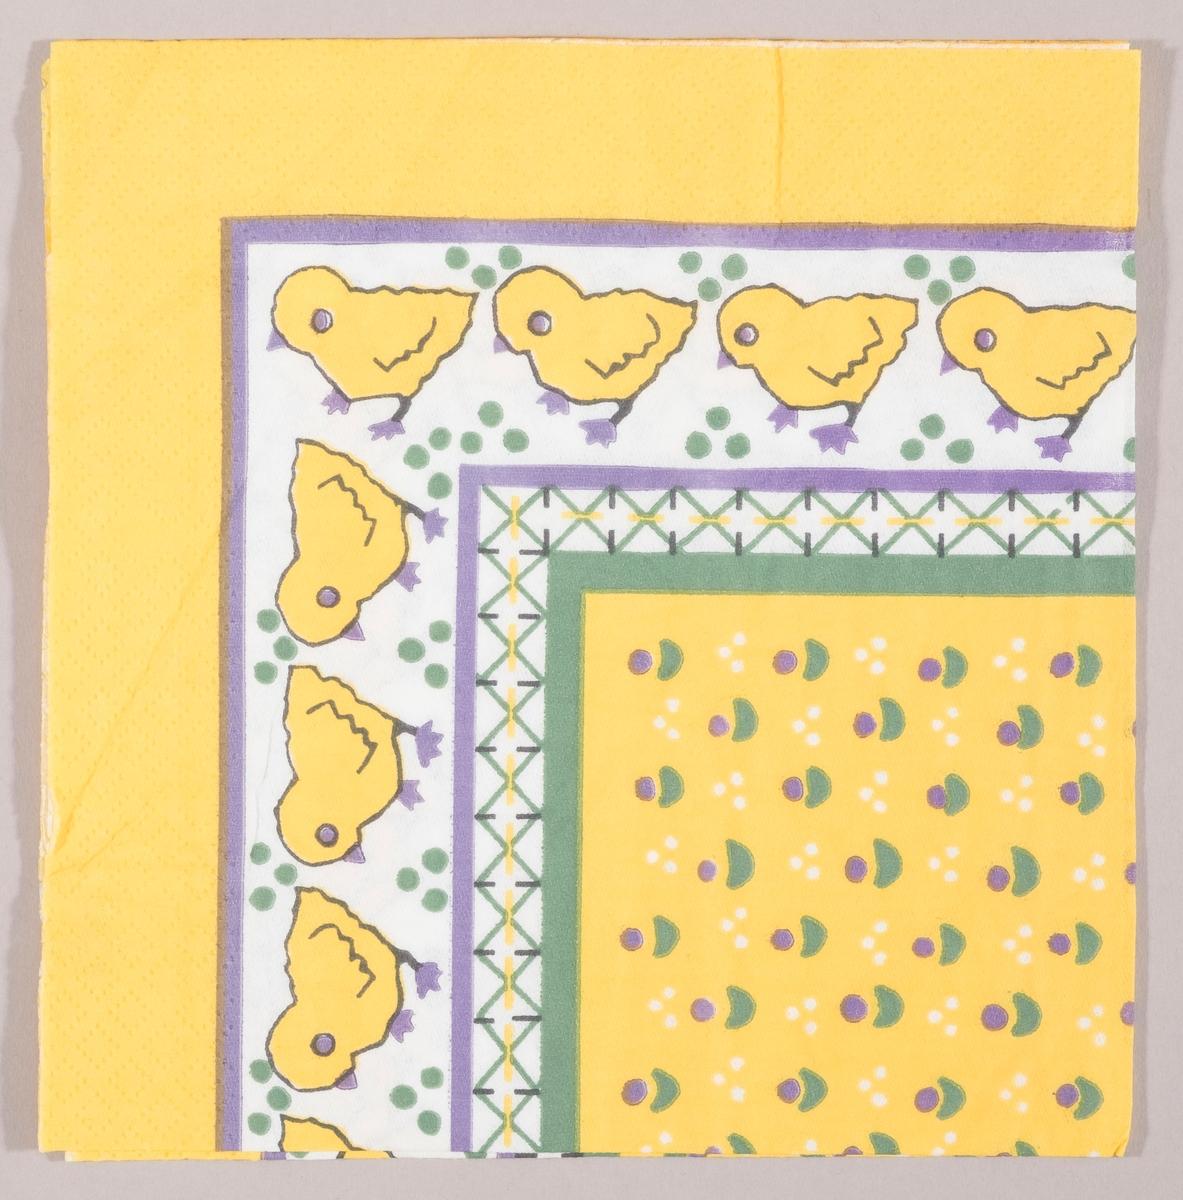 Kyllinger, stiliserte blomster, prikker og en mønsterbord. Lilla kantstripe.